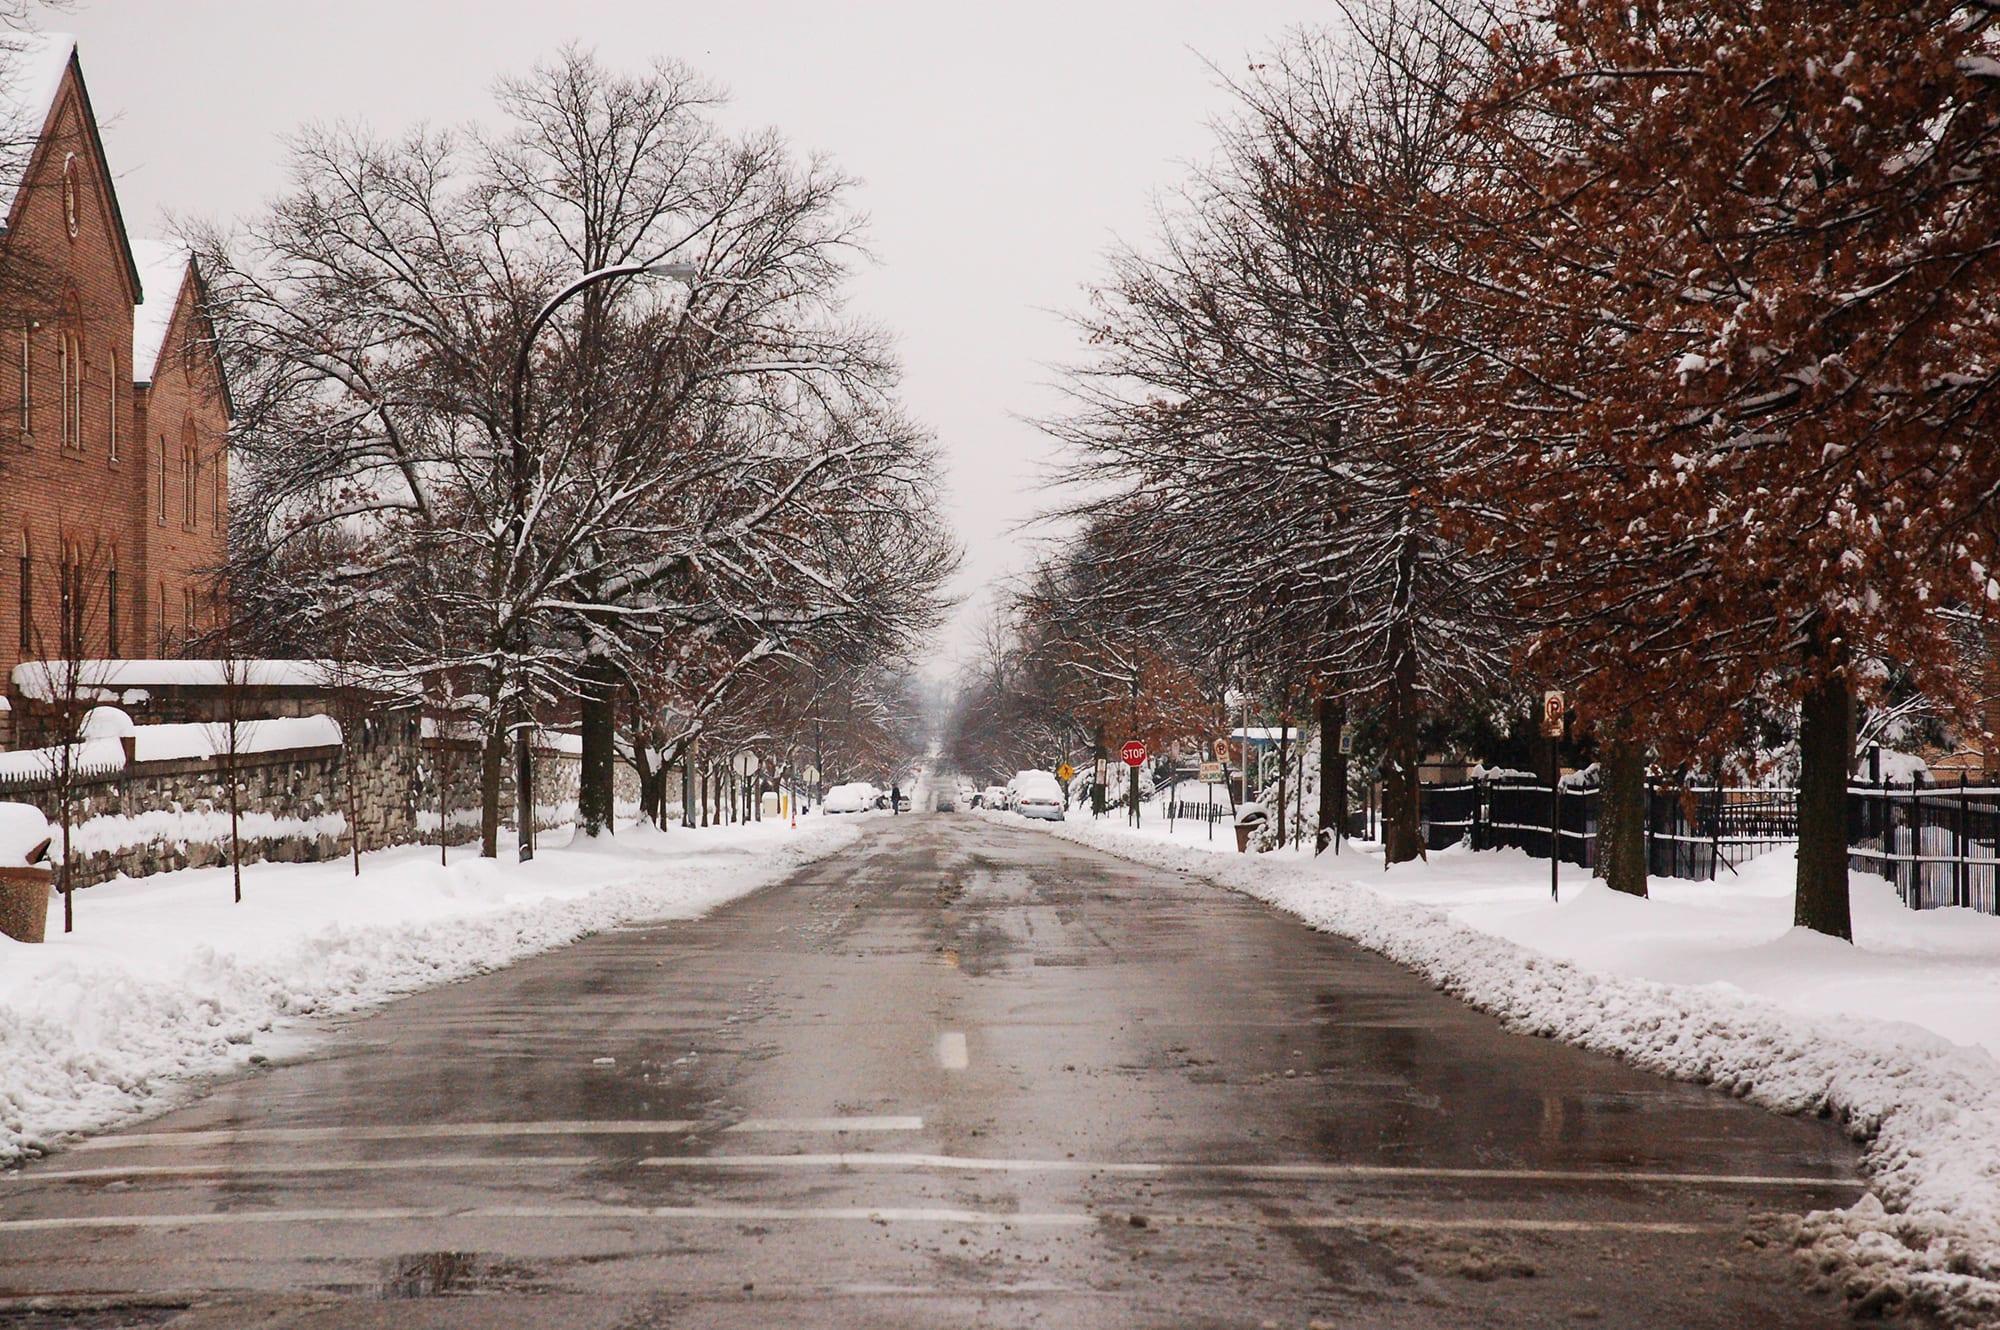 Compton Avenue in the snow.